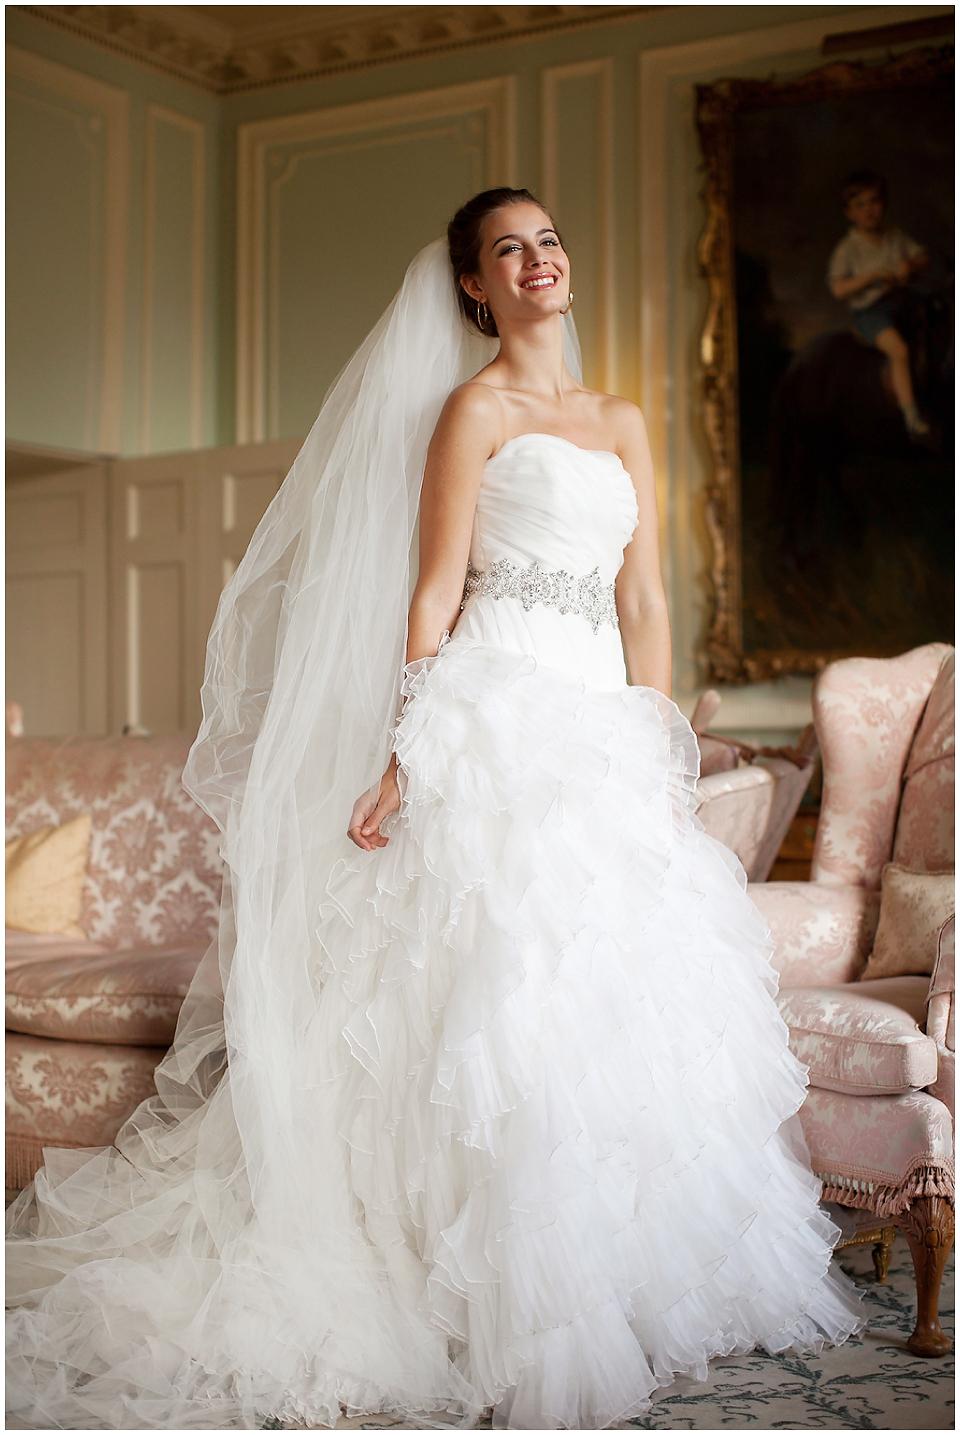 BROCKET-HALL-WEDDING-BRIDAL-FASHION-011